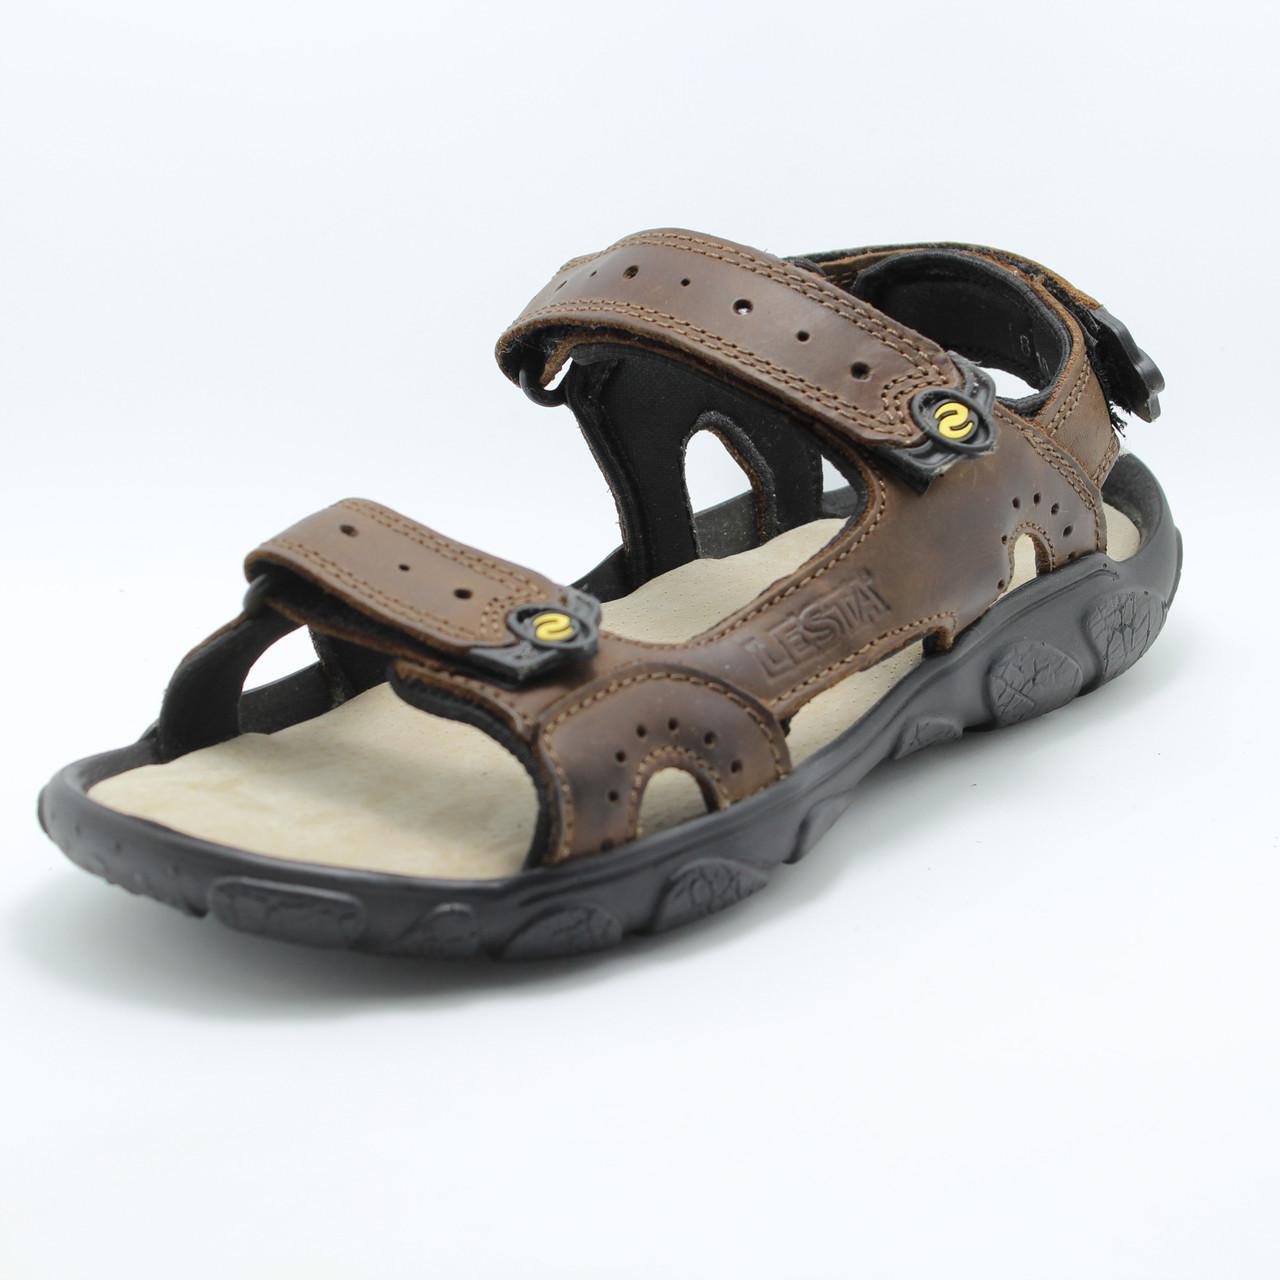 Мужские сандалии кожаные Lesta 042-1091-9-20E1